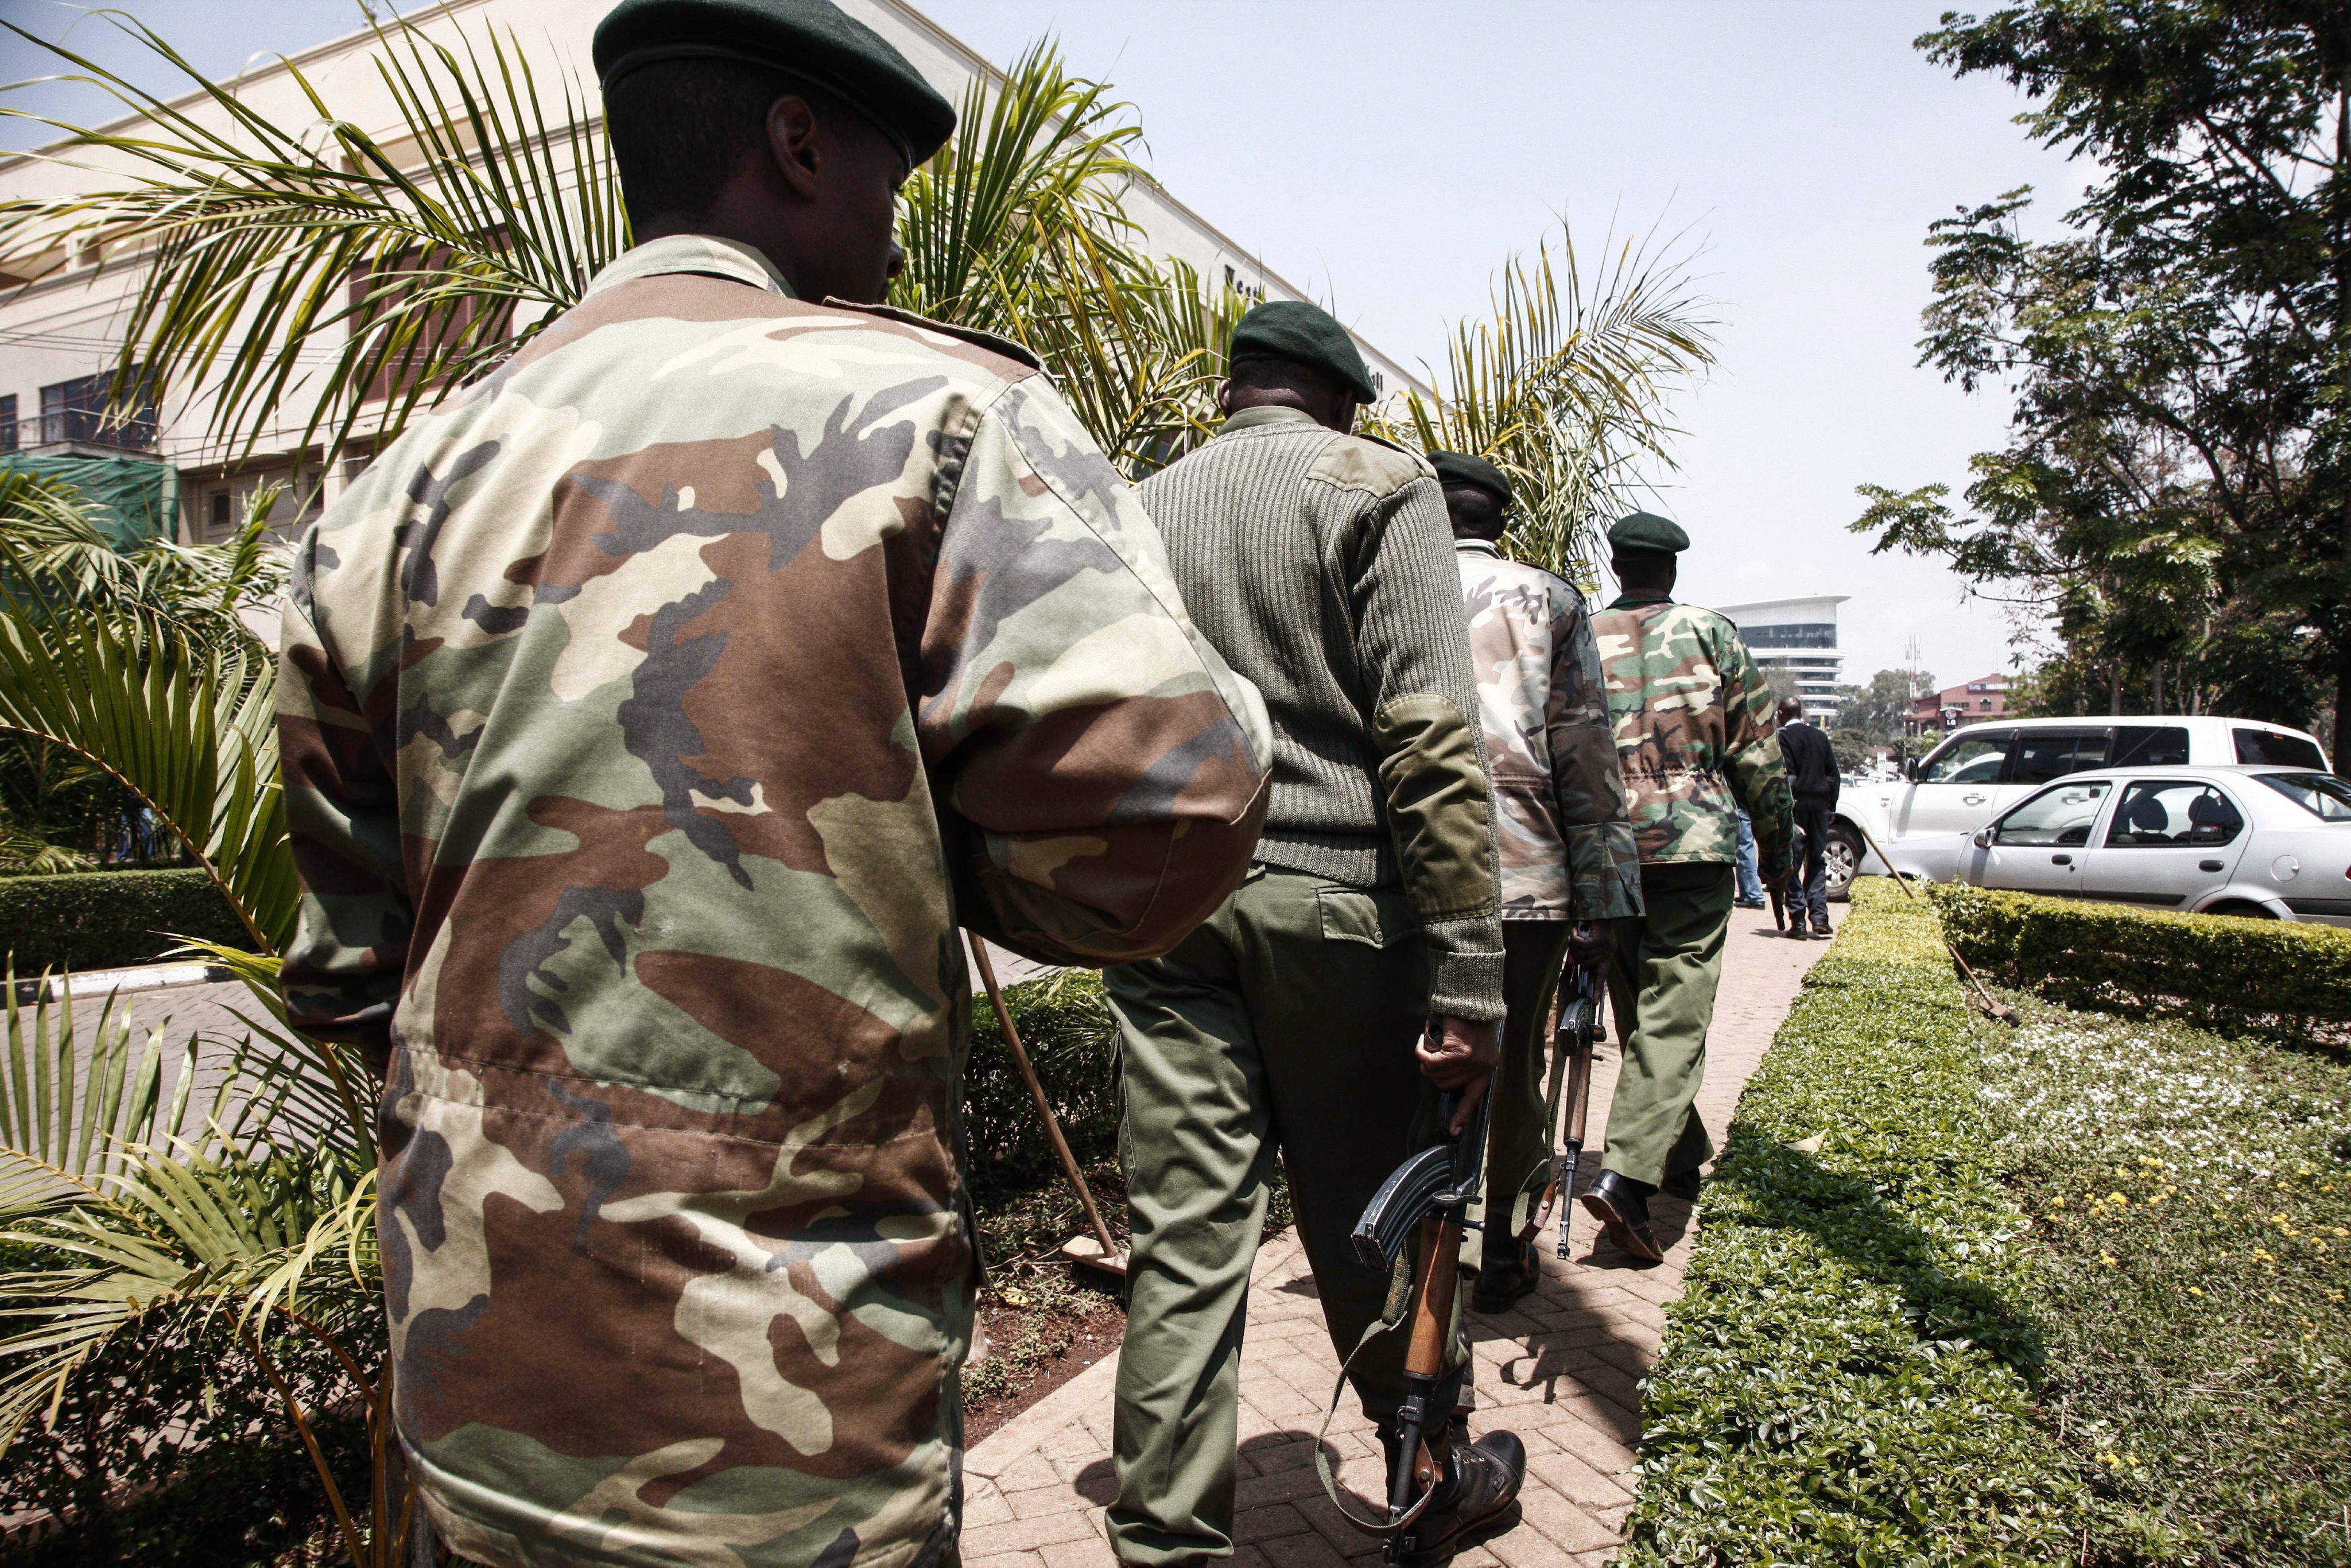 El presidente de Kenia eleva a 39 los muertos en la matanza, incluidos familiares